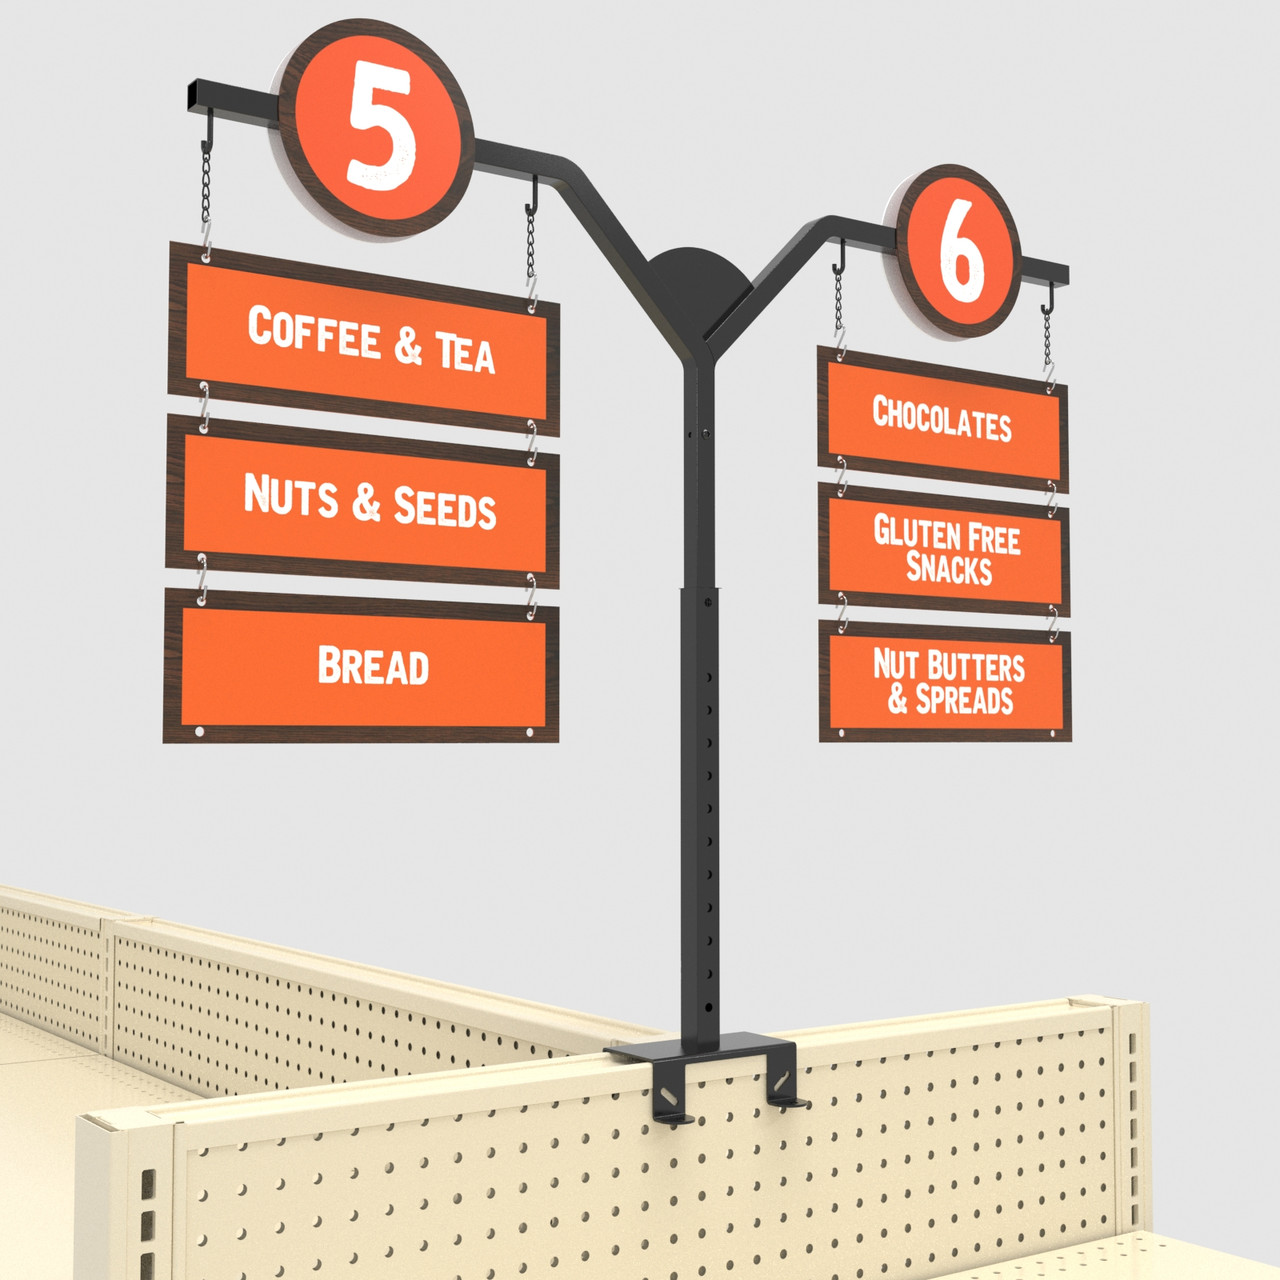 MCEWAN ENDCAP, Retail Store Design Ideas, Custom Gondola Aisle Signs